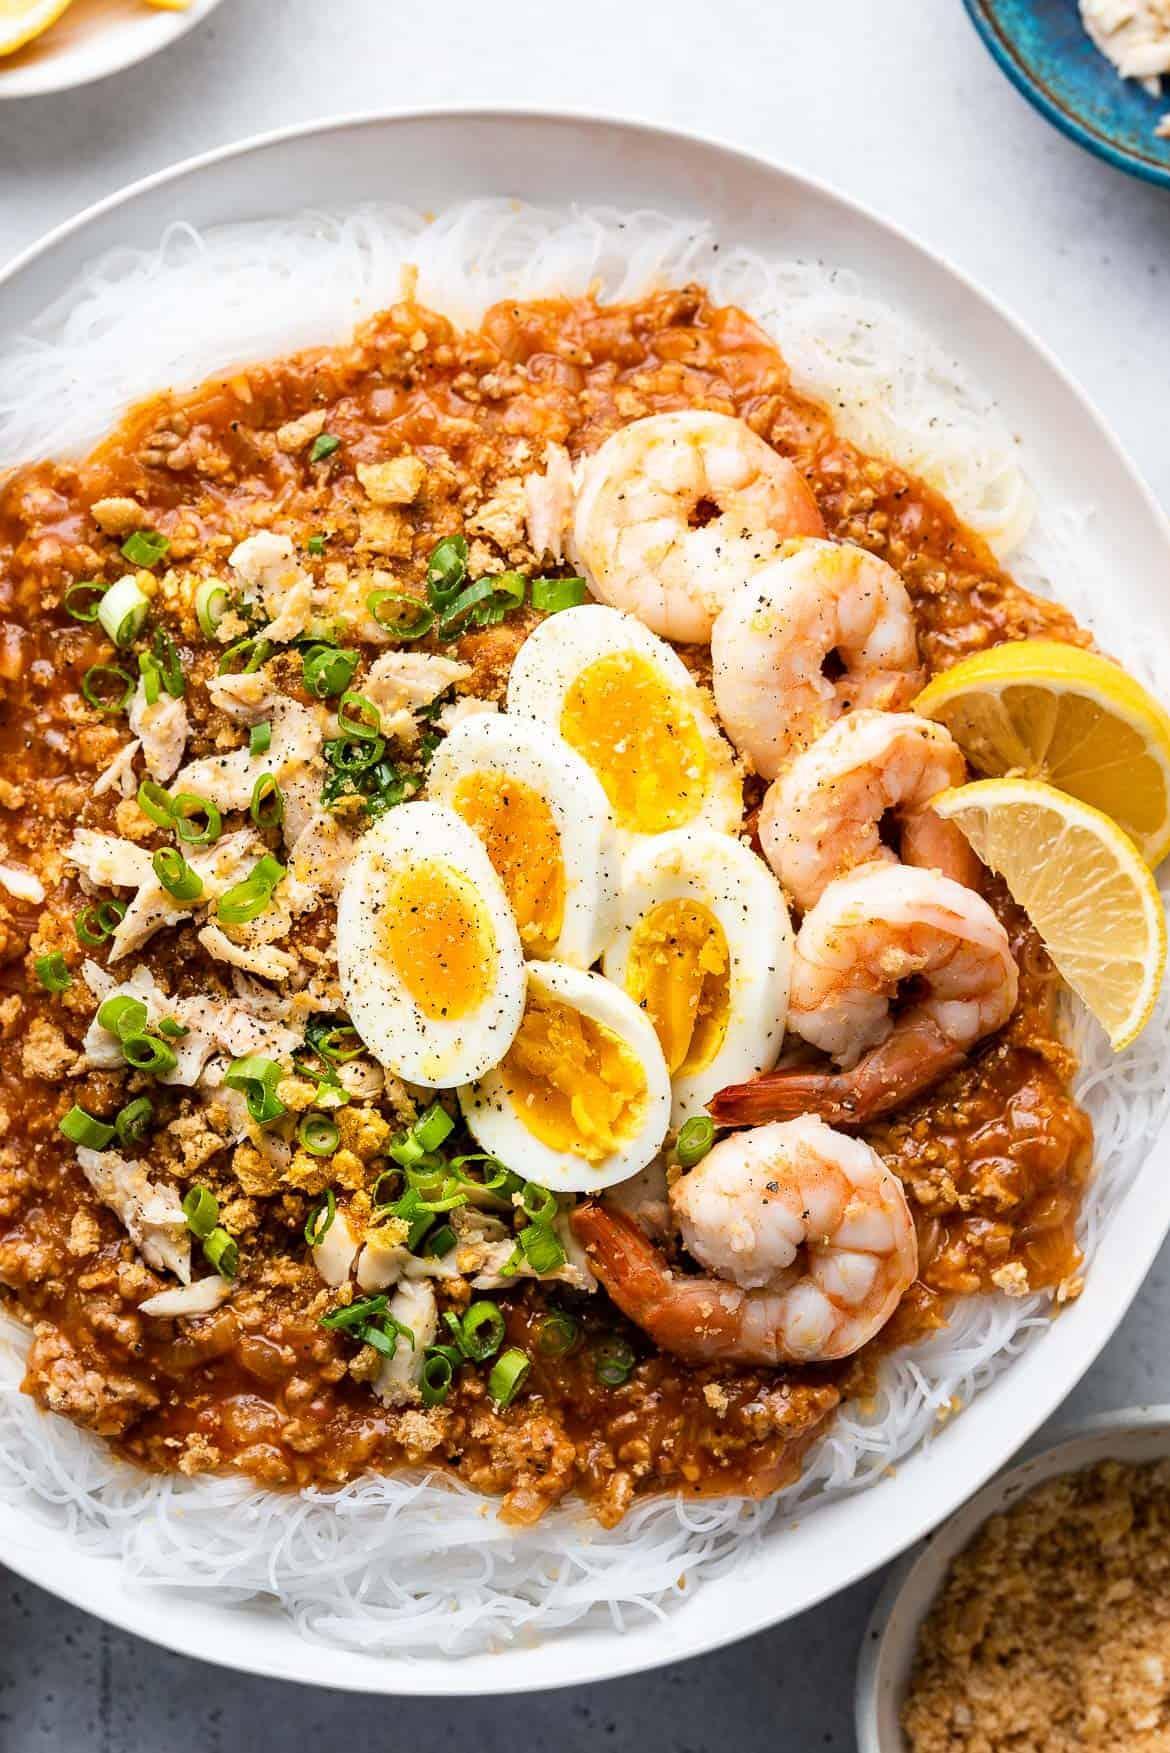 Pancit Palabok Filipino Noodles With Pork Shrimp Kitchen Confidante